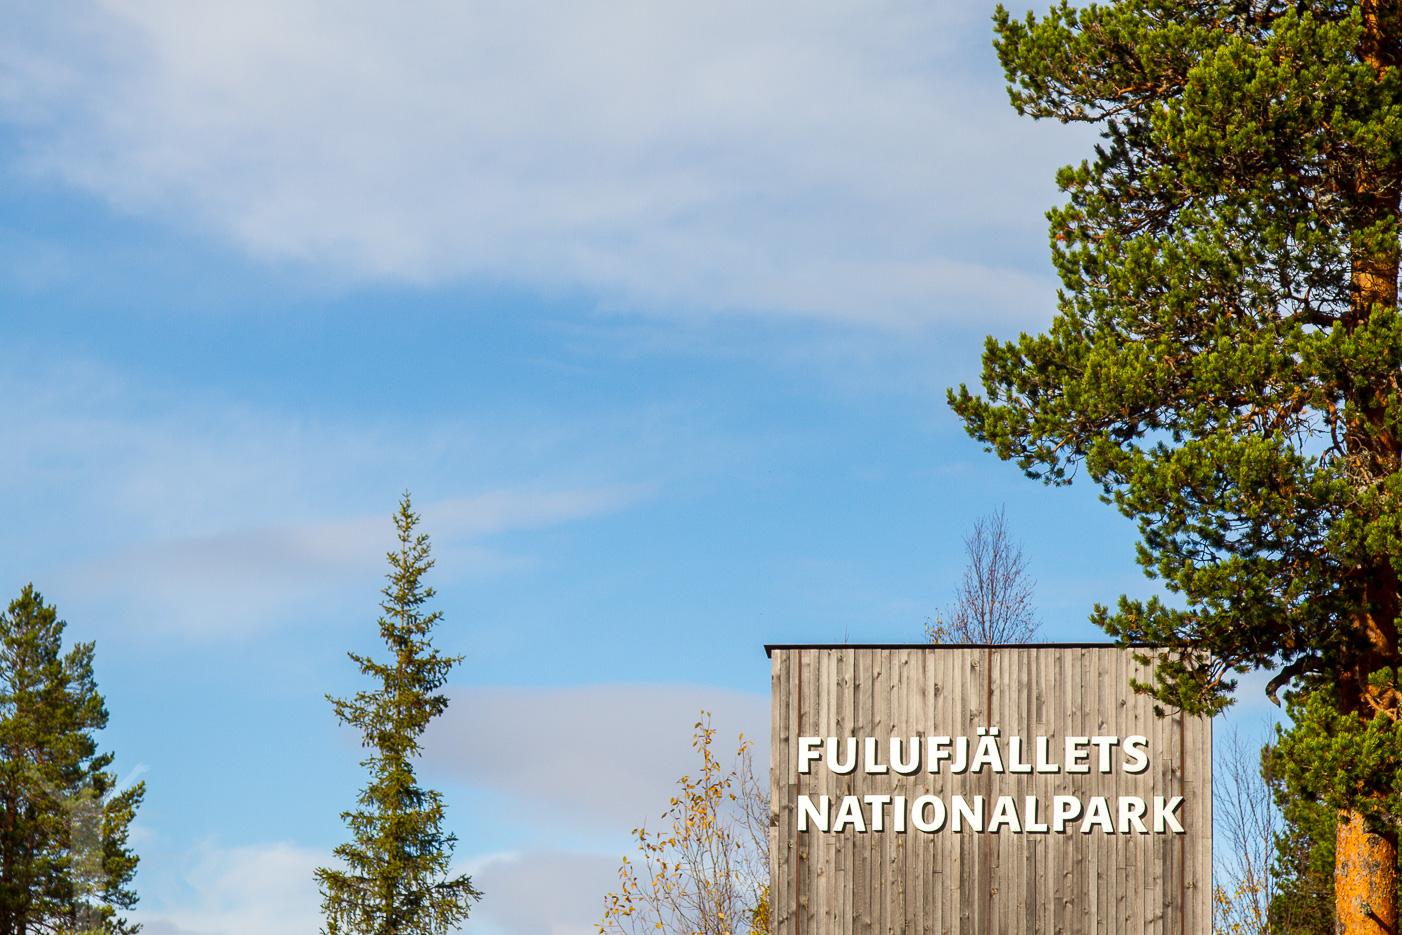 Entrén till Fulufjällets nationalpark